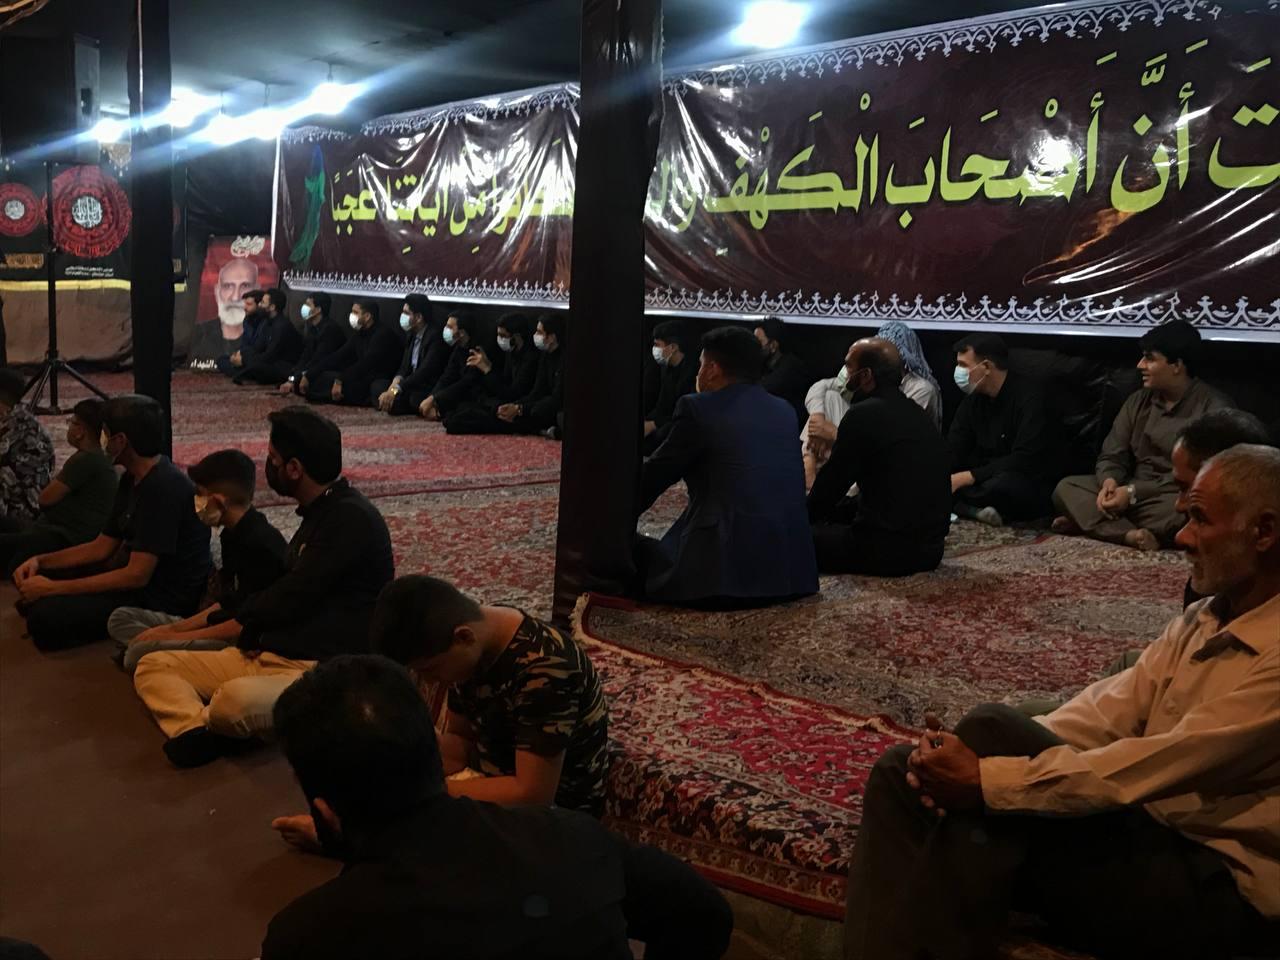 العتبة الحسينية تواصل تنظيم فعالياتها القرآنية العزائية في الأهواز + صور